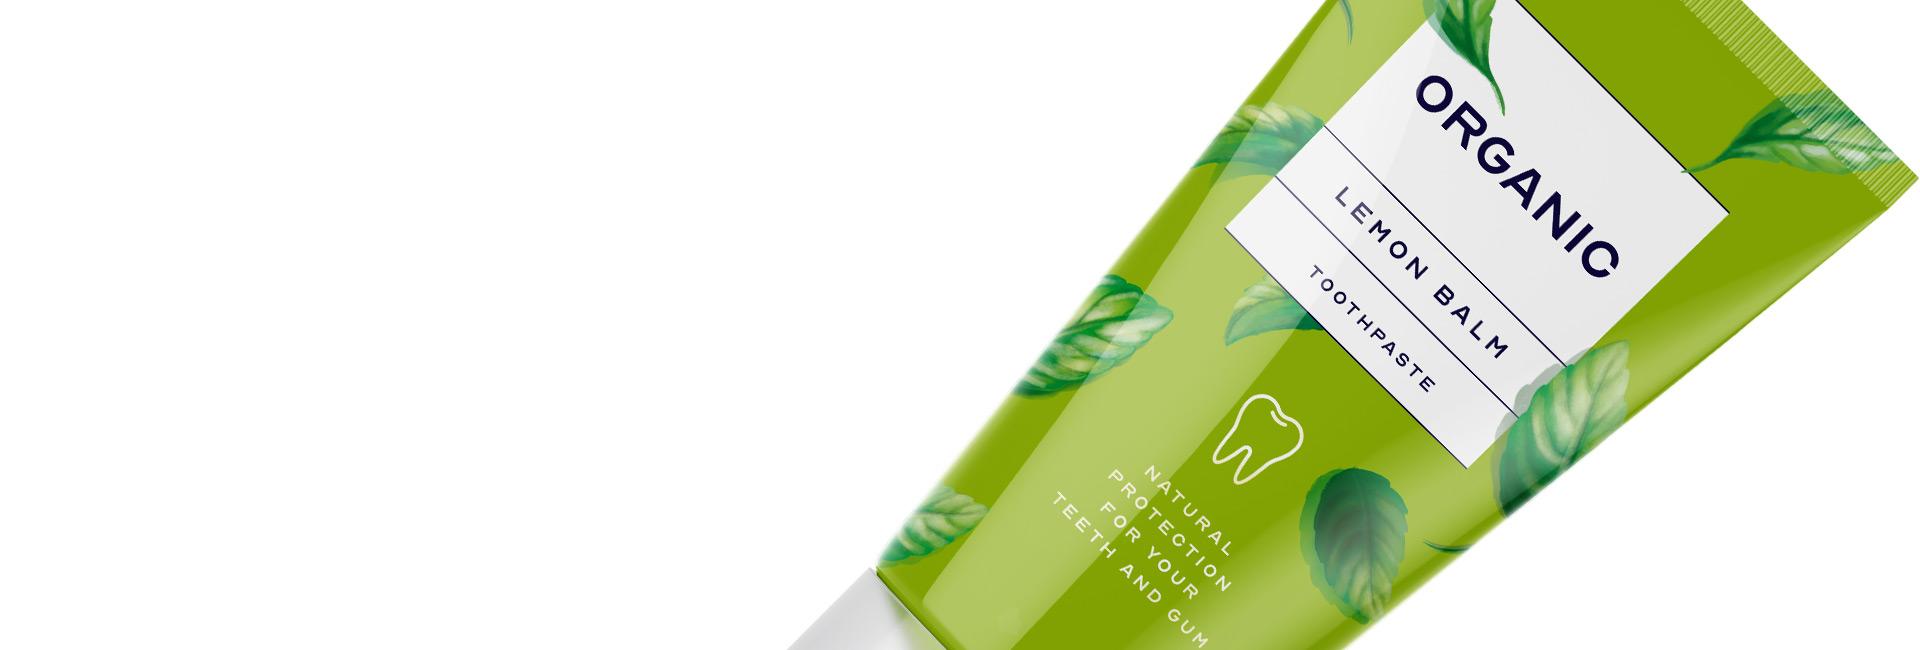 organic toothpaste cosmetics intro